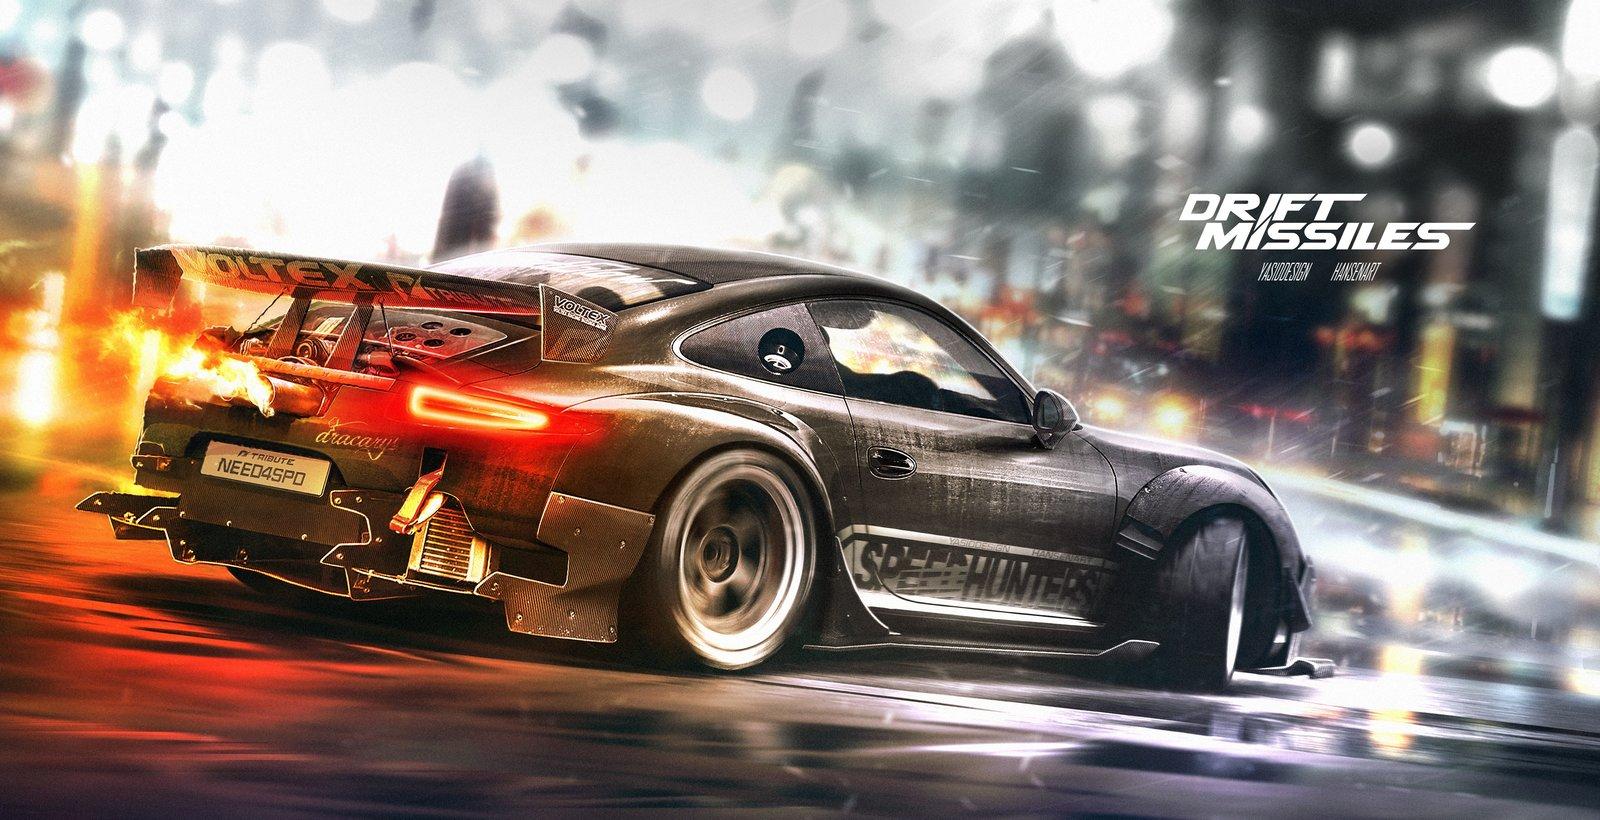 Speedhunter Porsche 911 Need for speed Tribute 1 variation 1